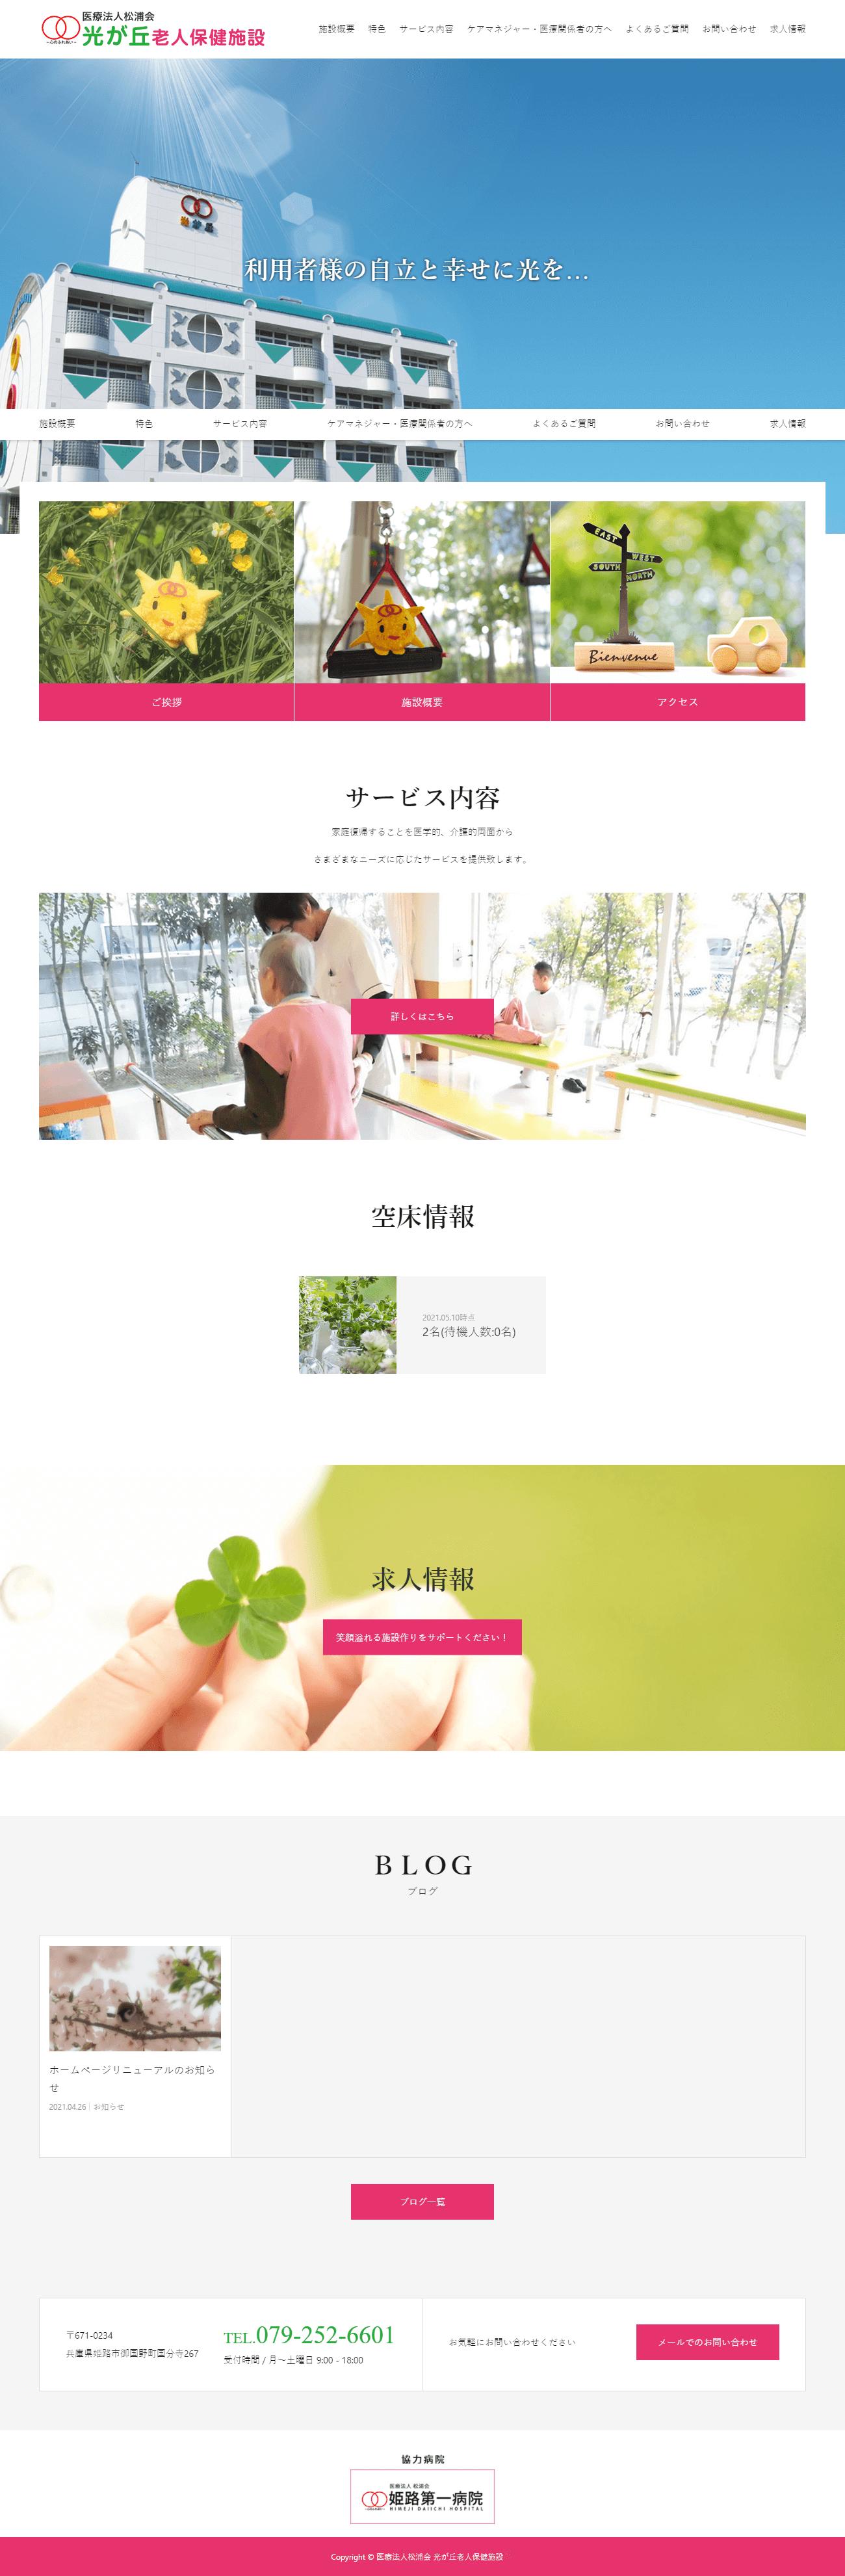 姫路市 光が丘老人保健施設 ホームページ制作1